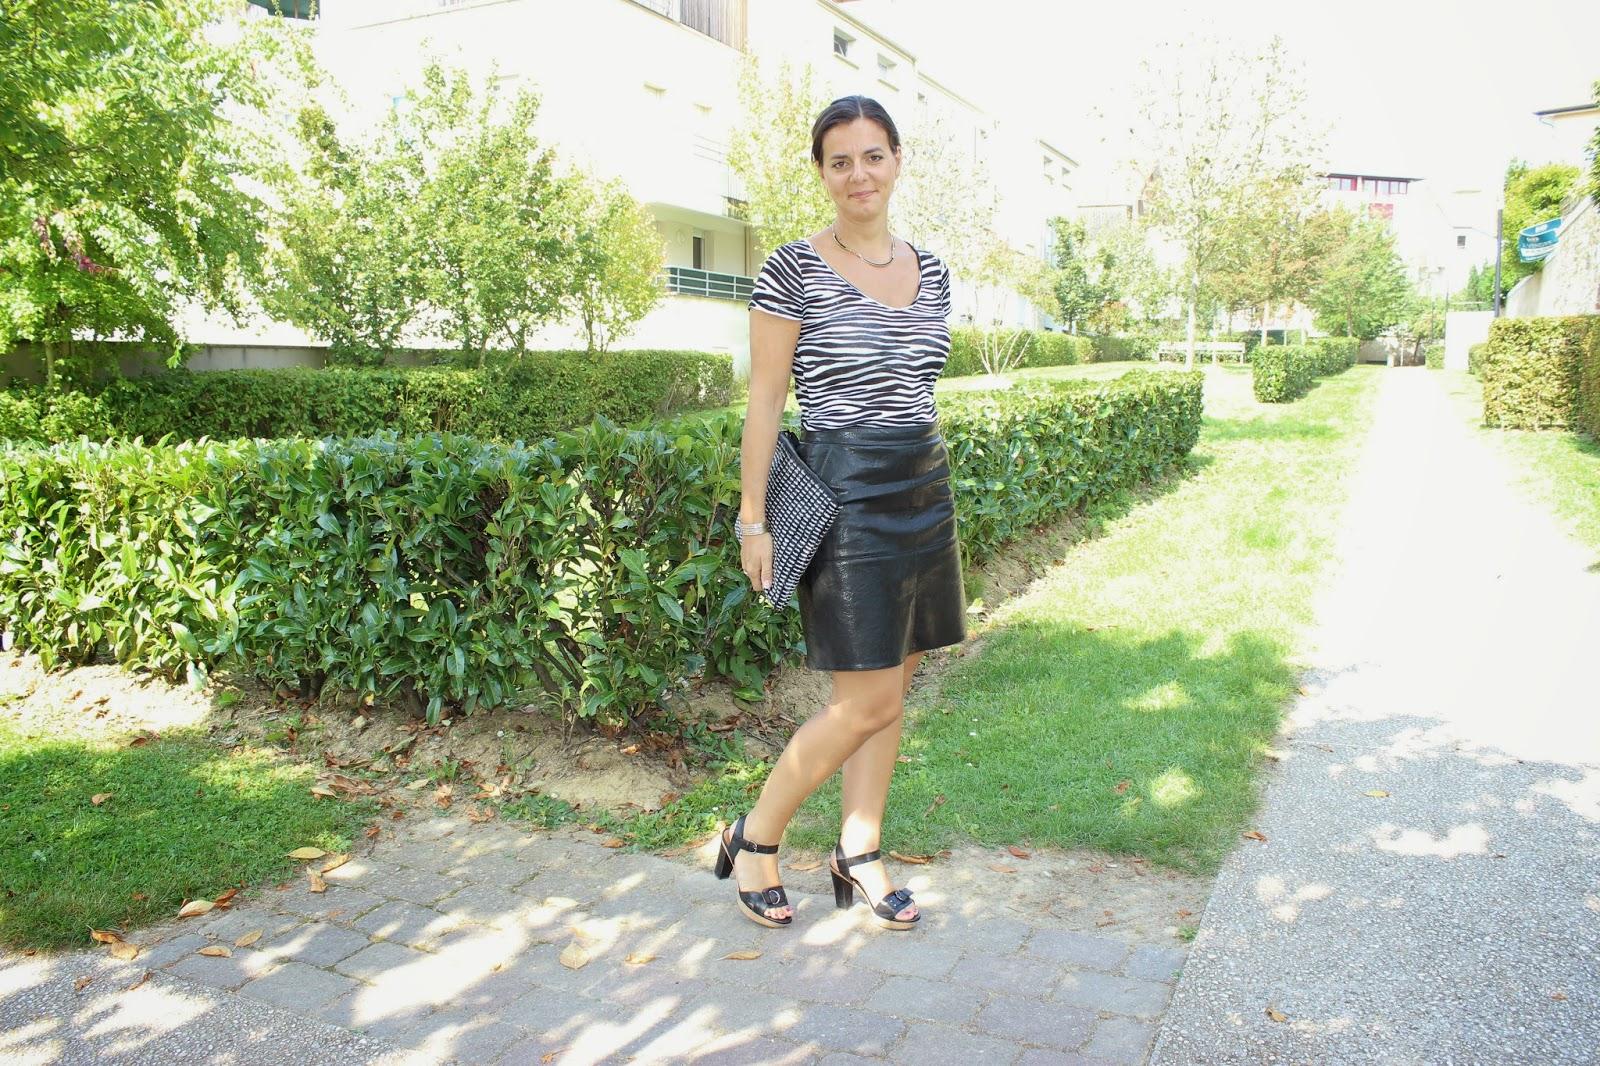 Top naf naf zébre, jupe cuir Zara, pochette suncoo, chaussures geox